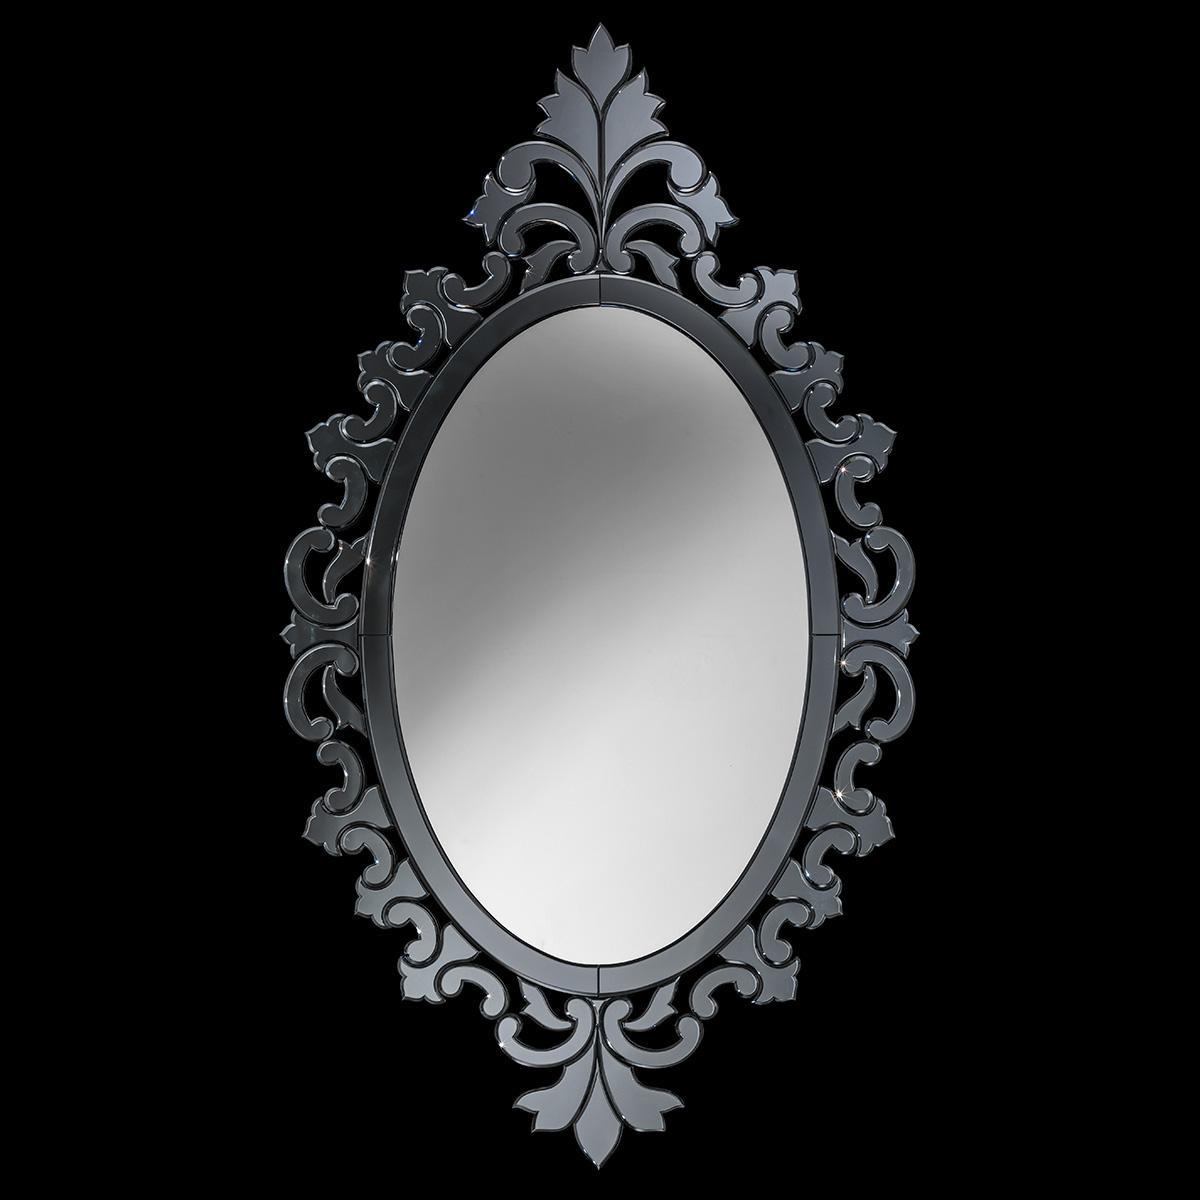 favola miroir v nitien en verre de murano murano glass chandeliers. Black Bedroom Furniture Sets. Home Design Ideas